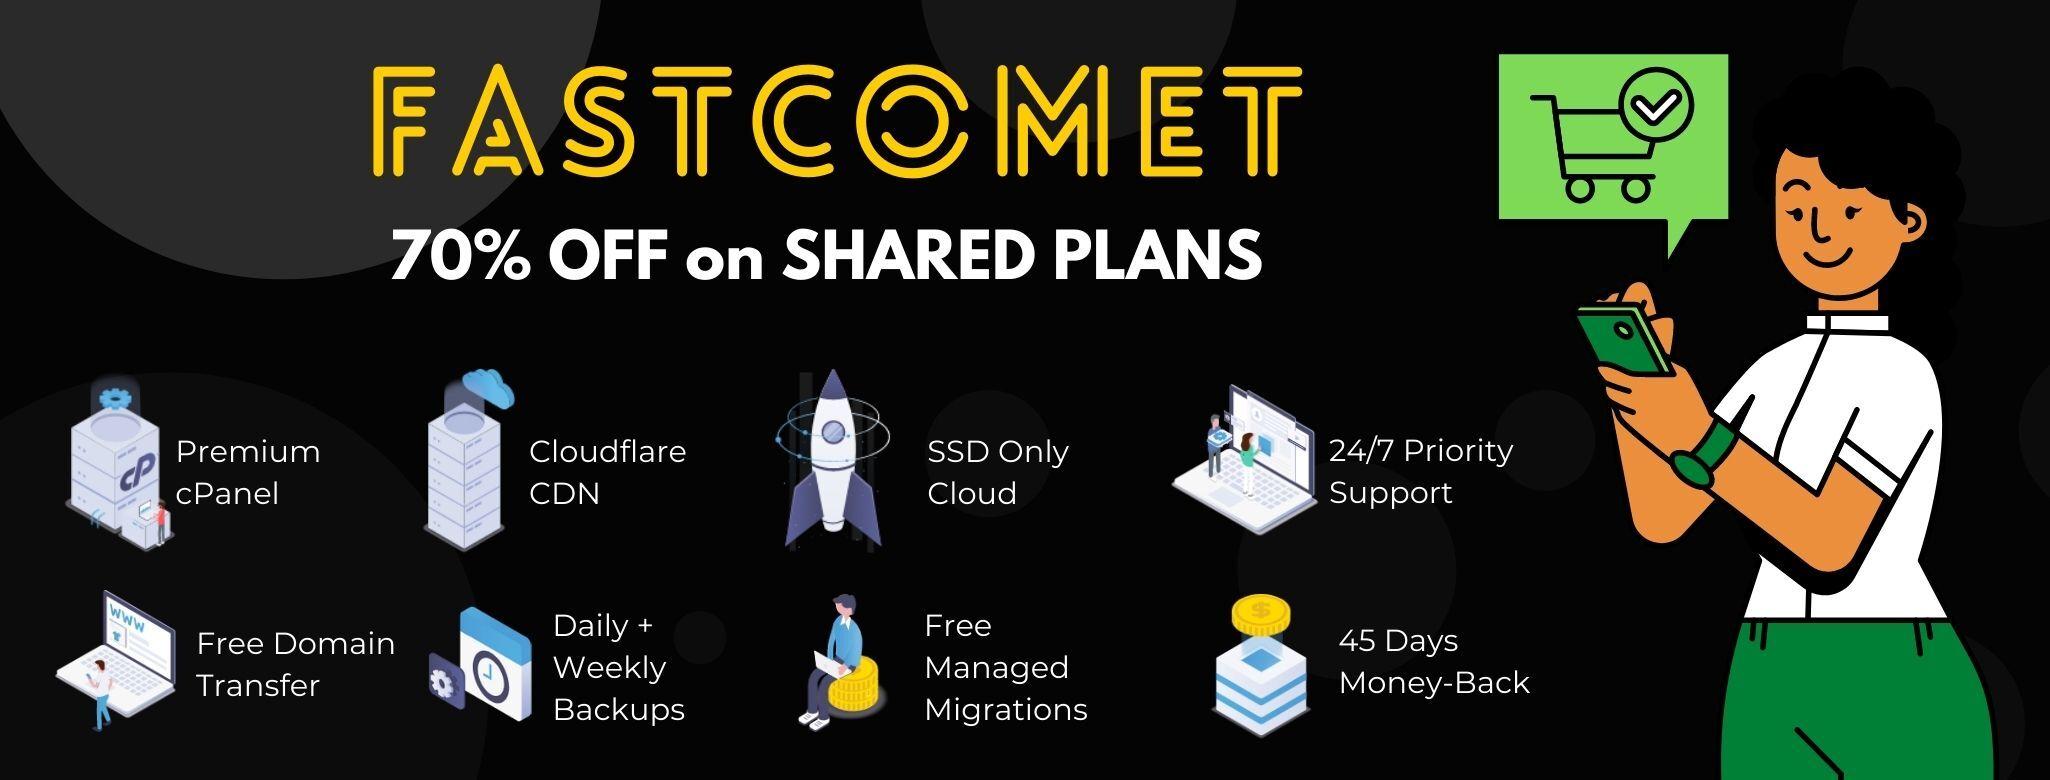 FastComet-Black-Friday-Hosting-Deals